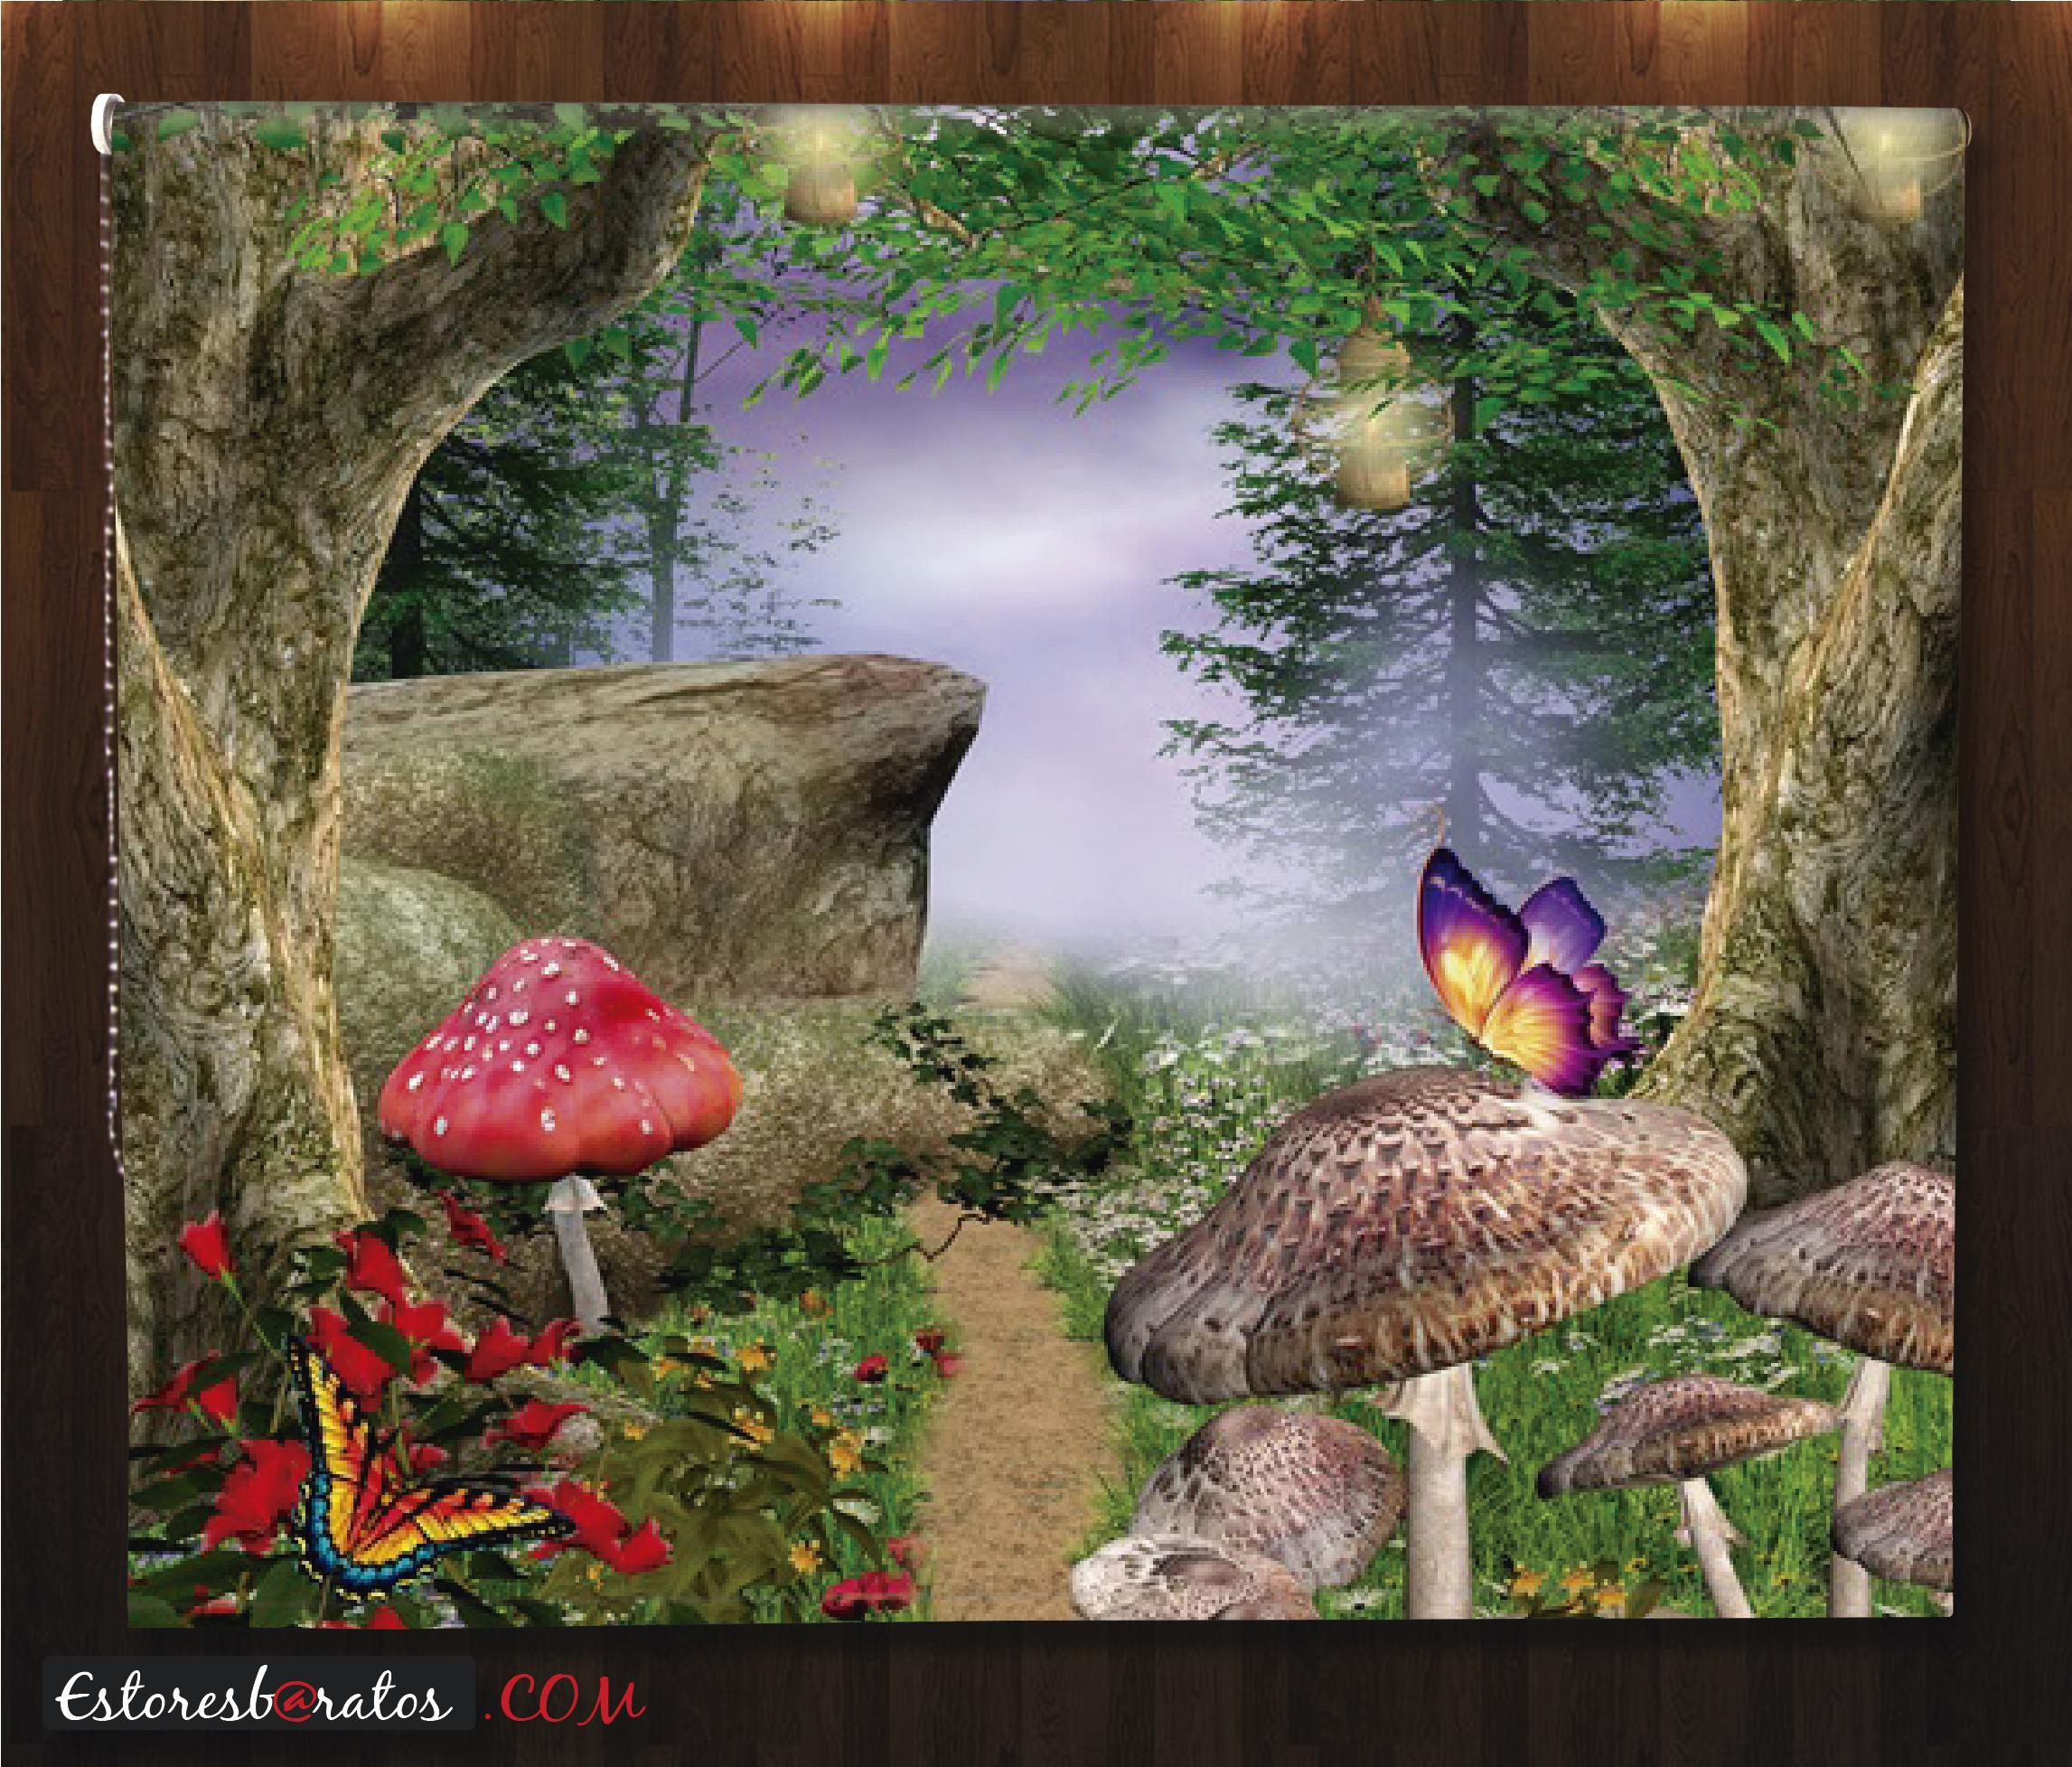 Estor fotográfico fantasía bosque animado